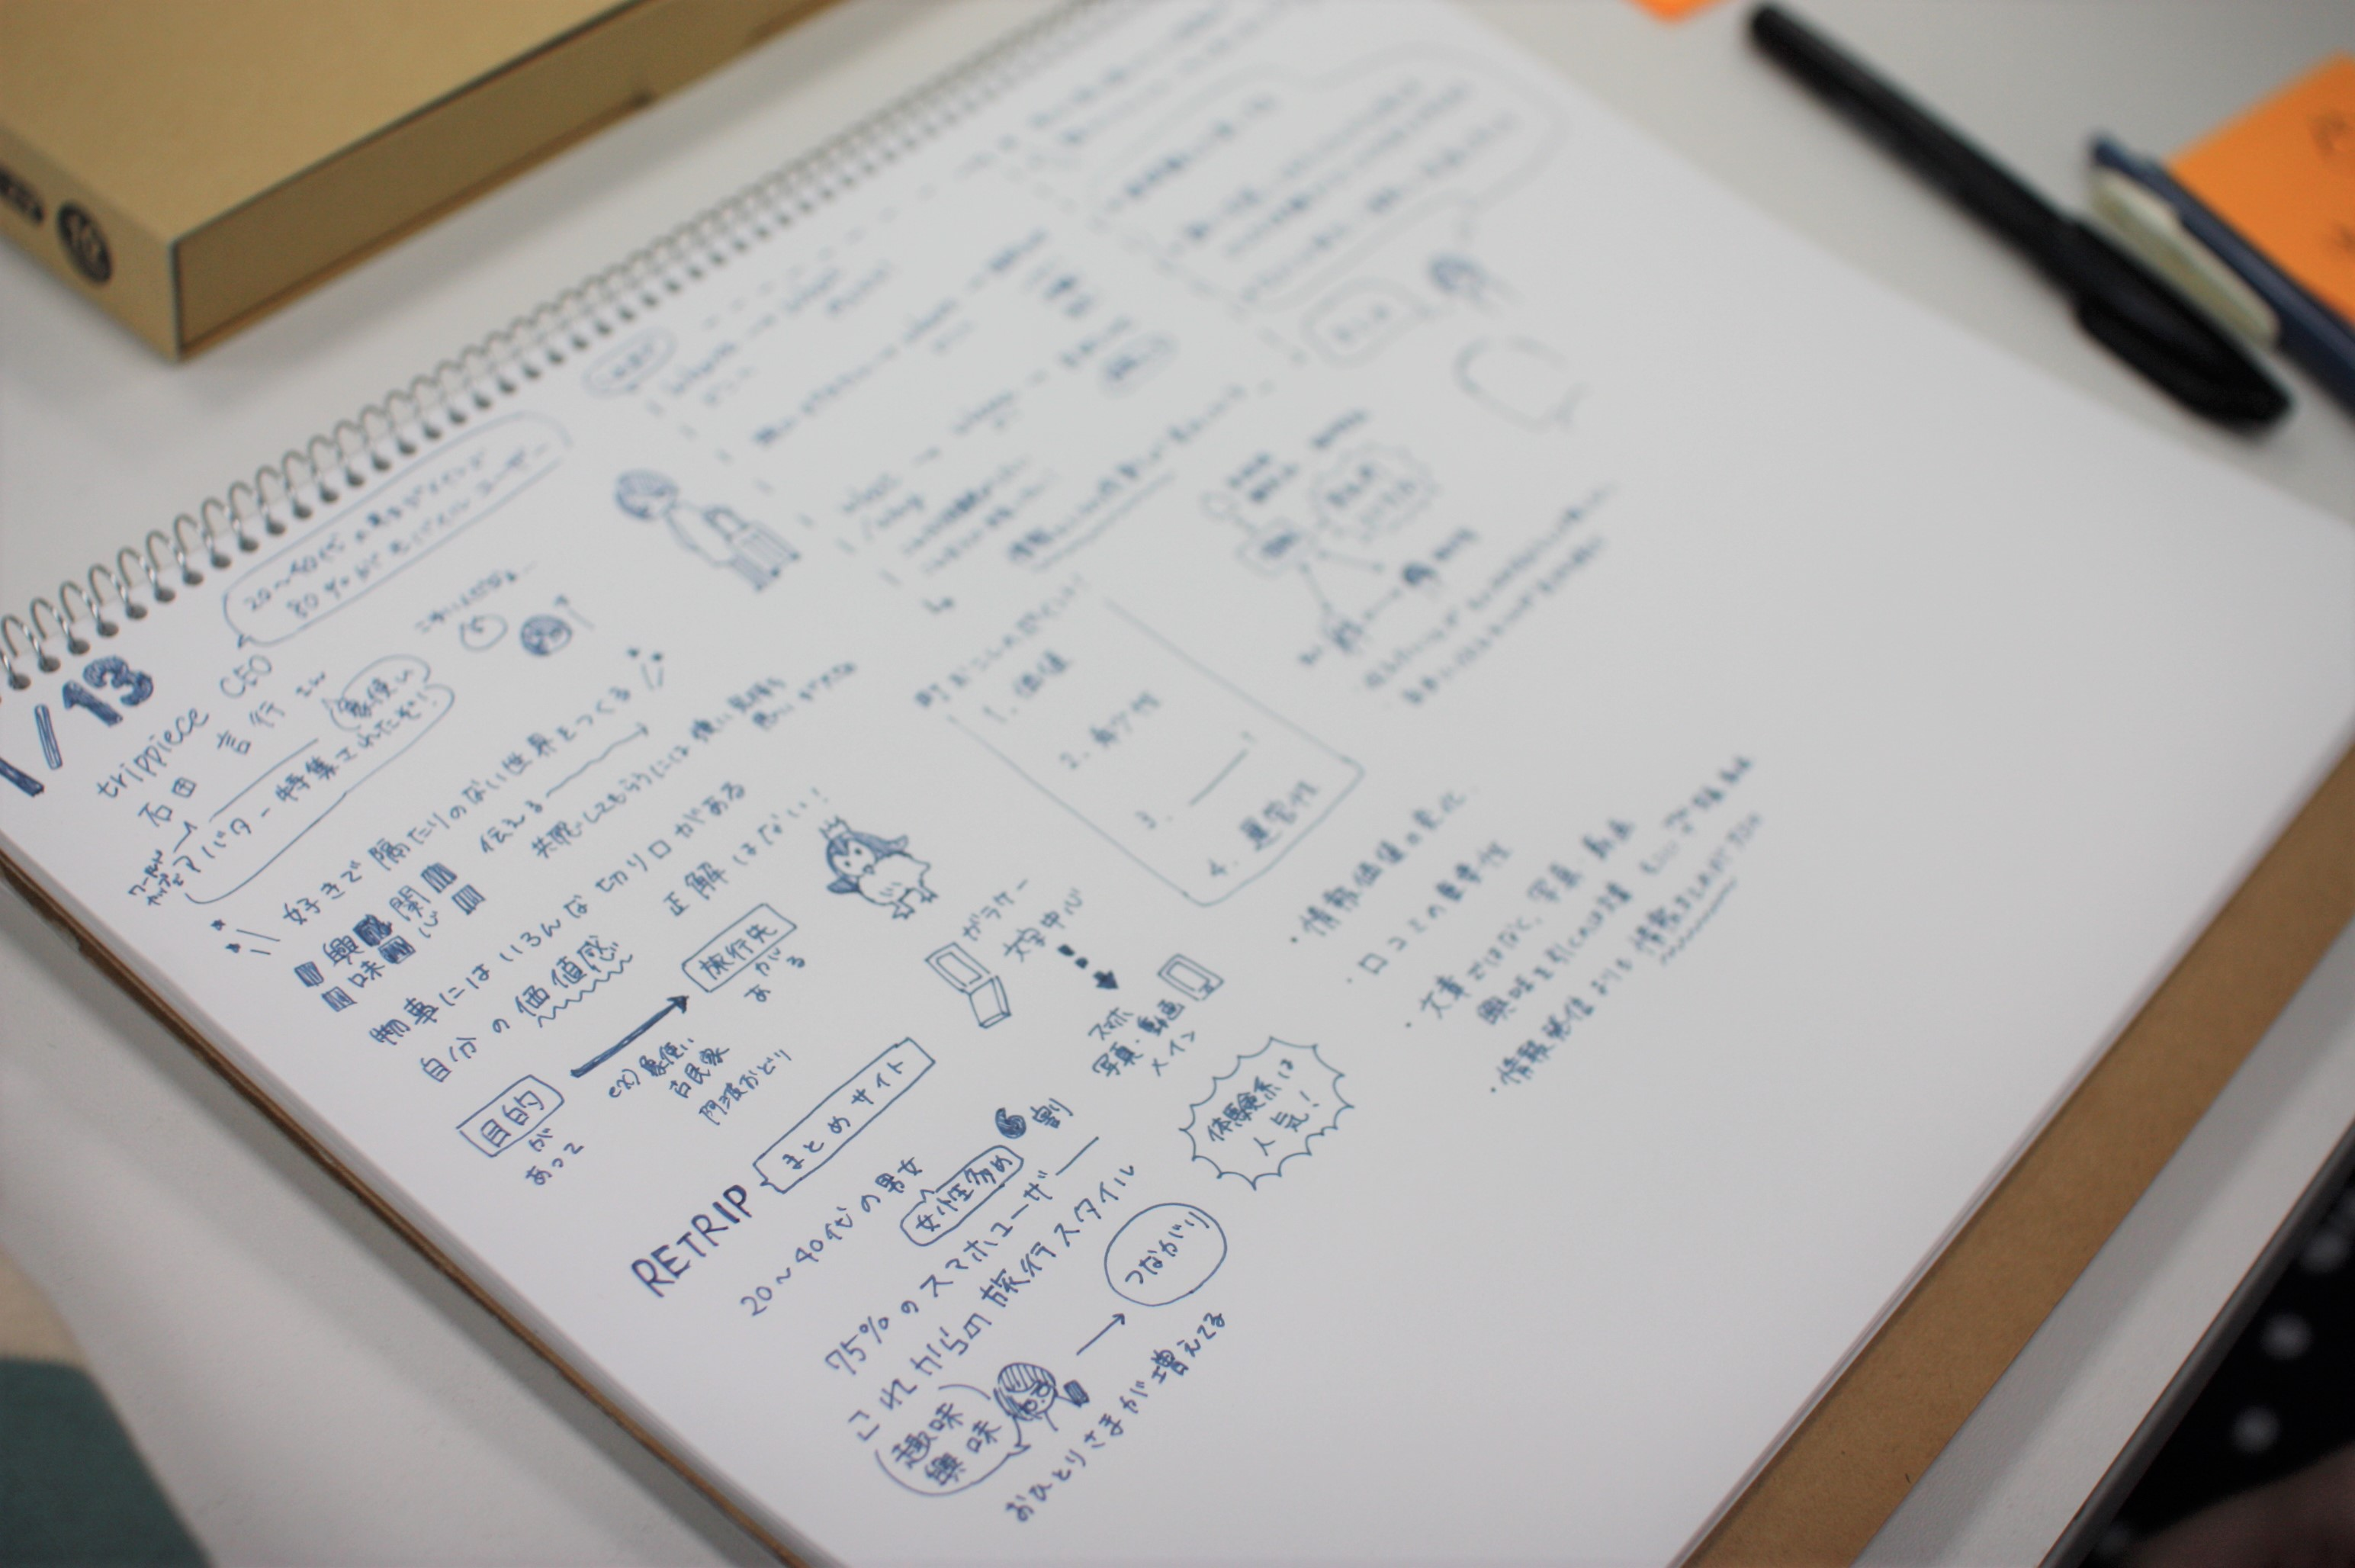 ノート拝見!視覚デザイン学科の学生さんだけあって、さすがの表現力。